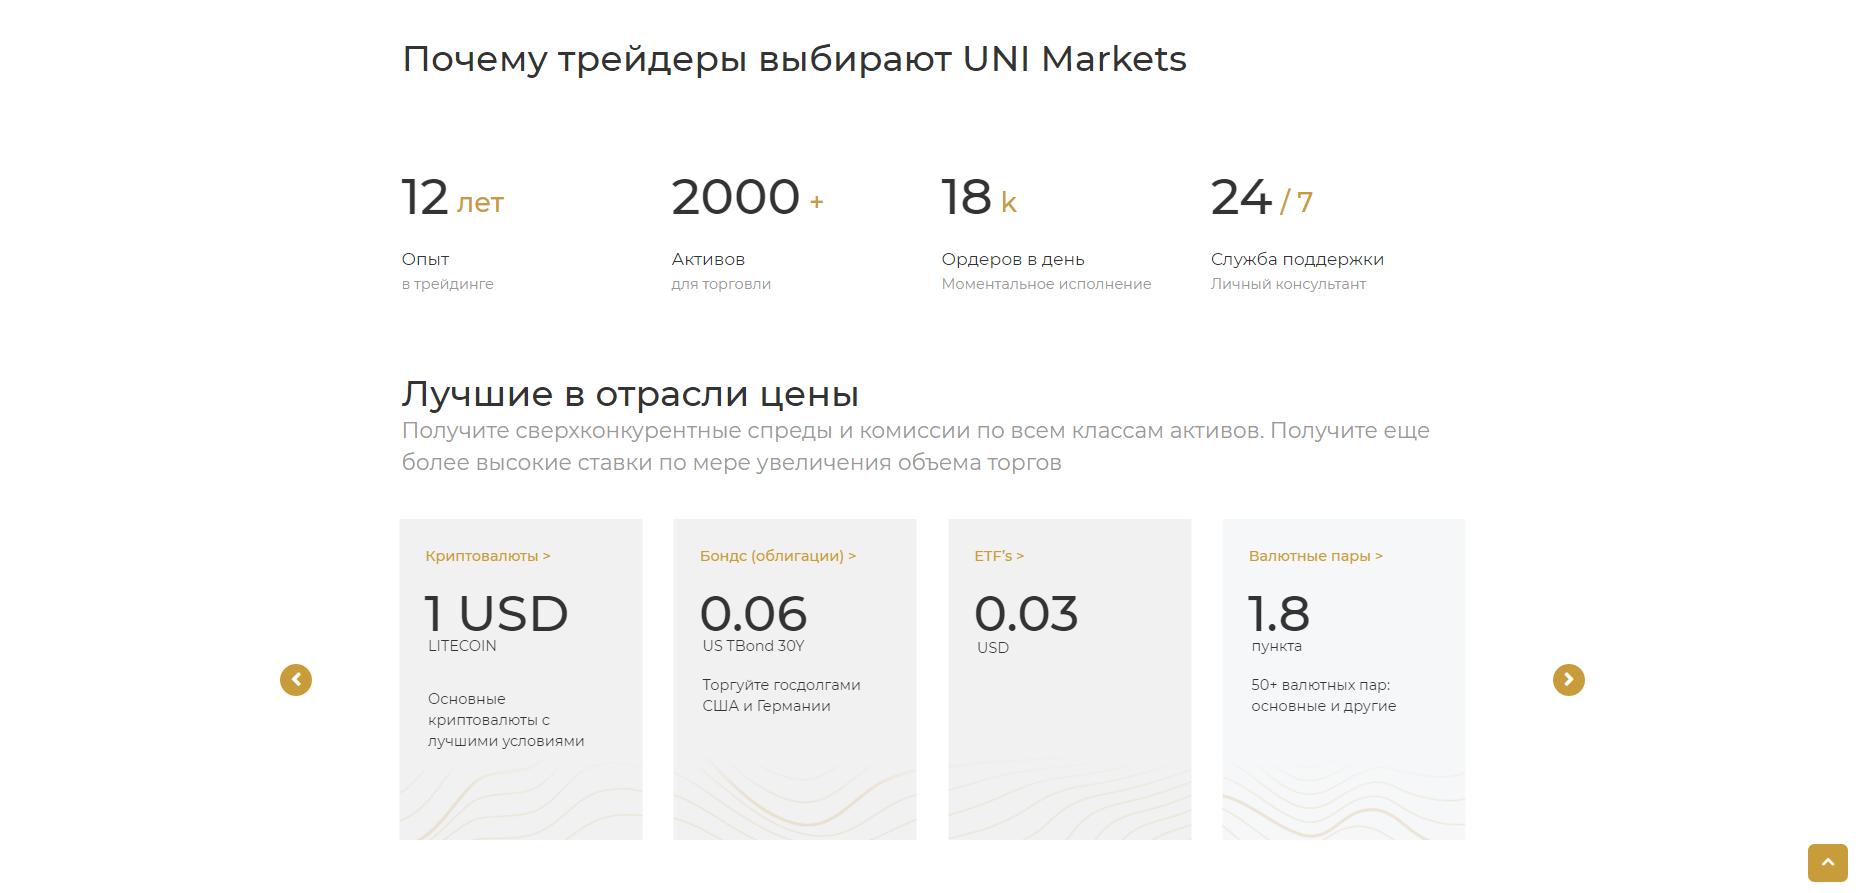 Что предлагает UNI Markets?